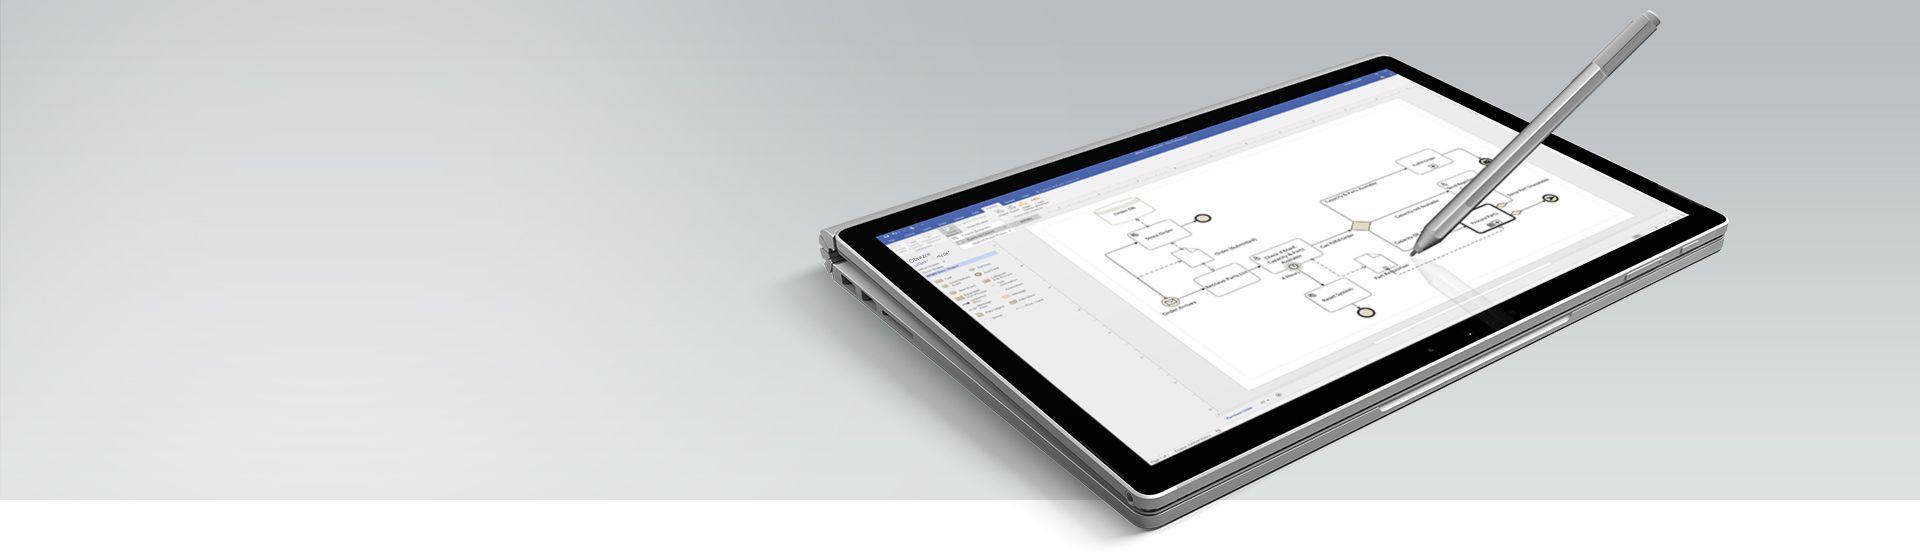 Tabletu Surface zobrazující procesní diagram ve Visiu